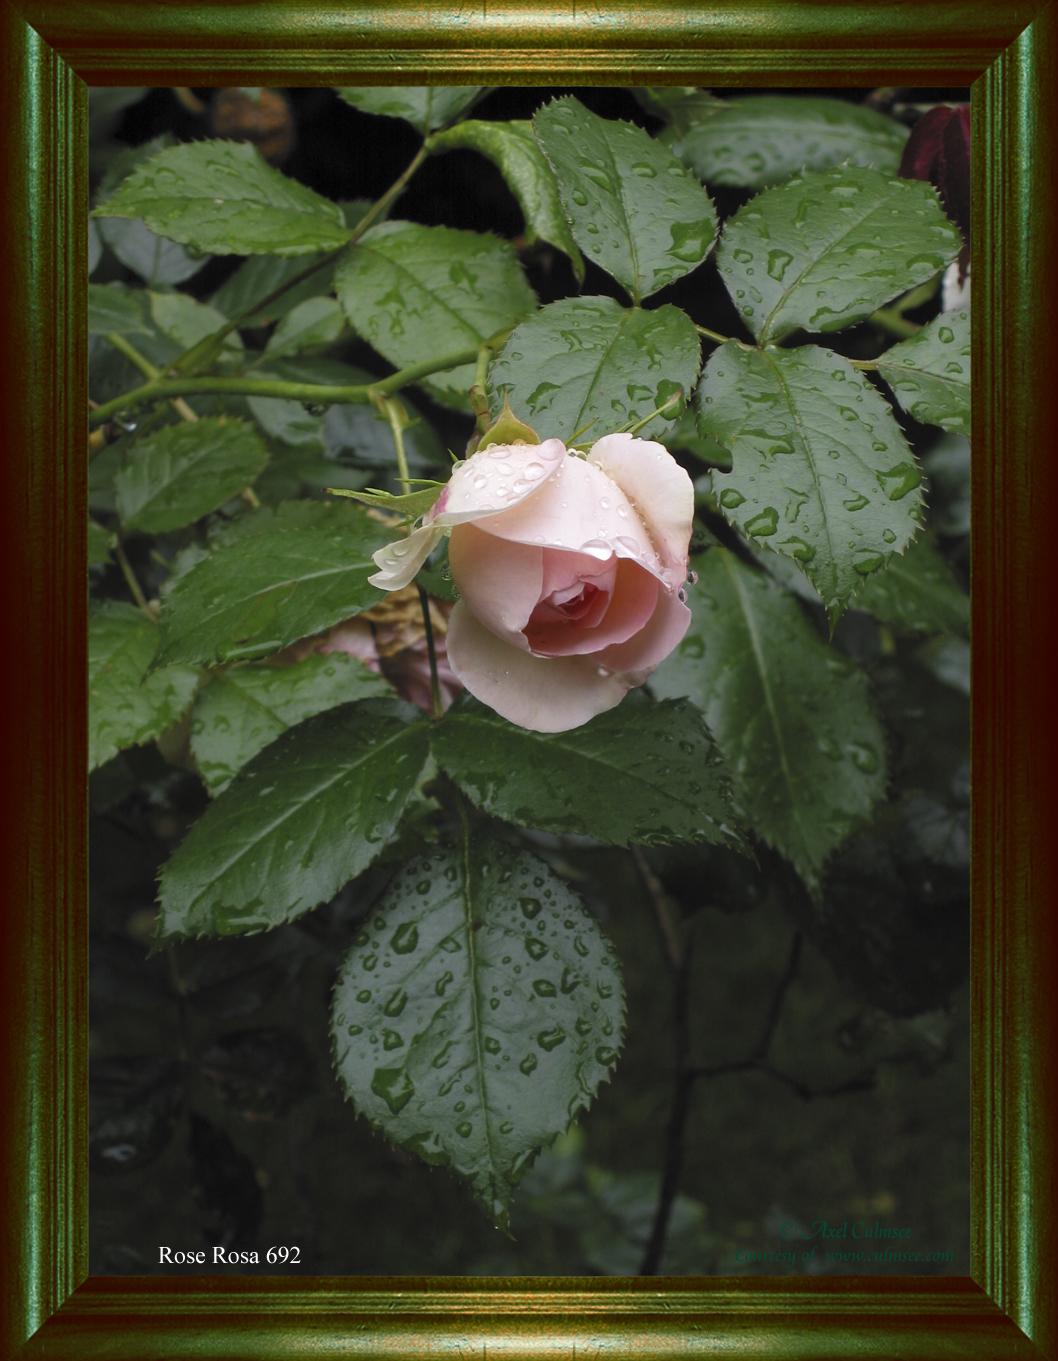 Rose Rosa 692